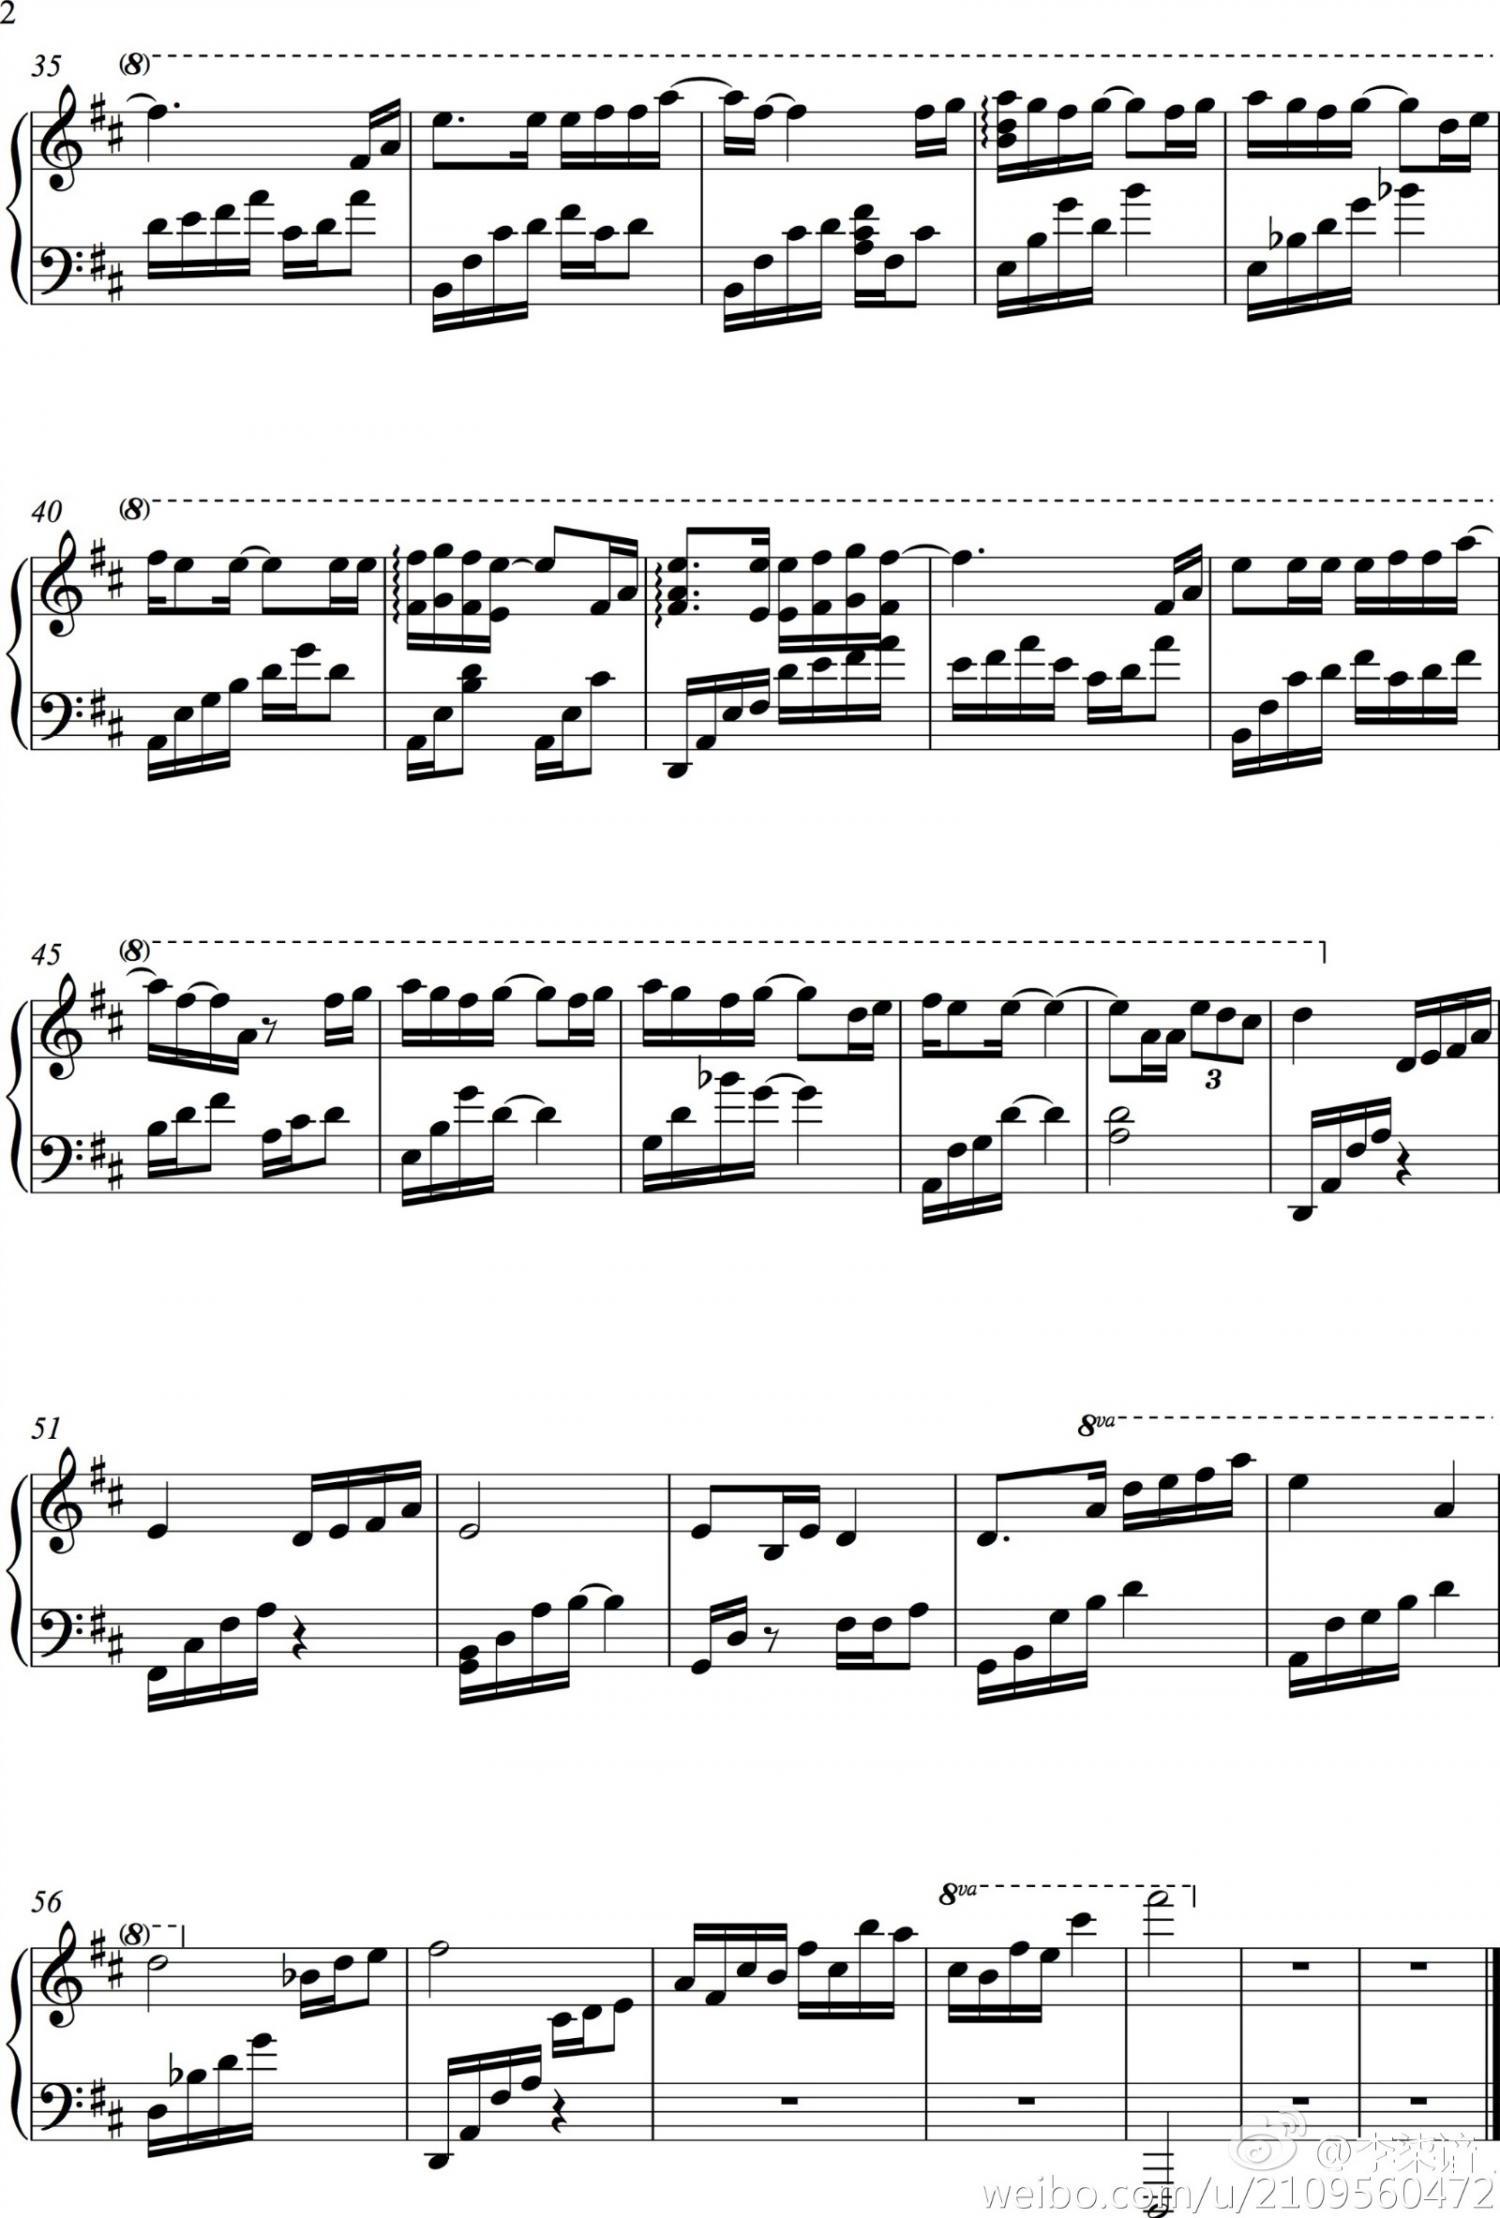 [华晨宇][新闻]150117 网友曝微光&卡西莫多的礼物piano谱图片